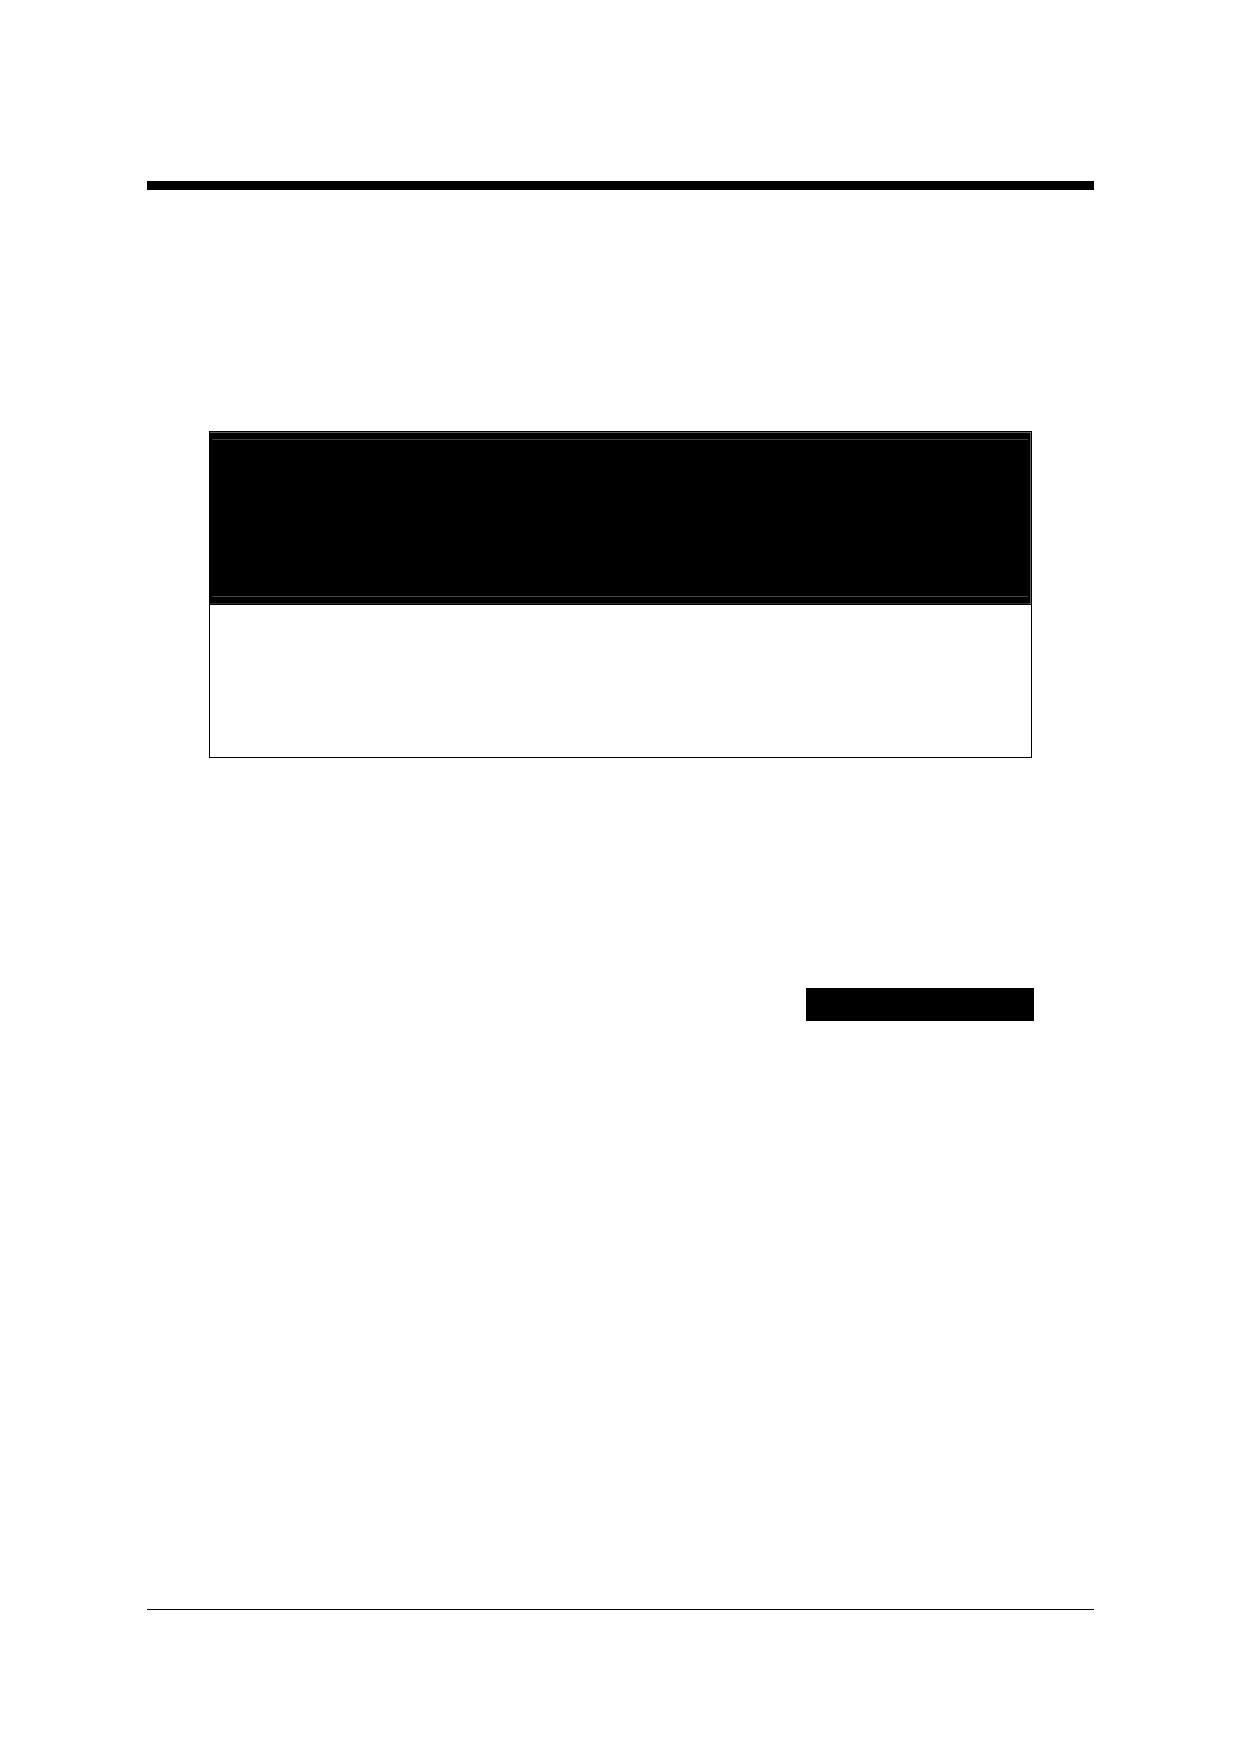 ePSP6000 دیتاشیت PDF